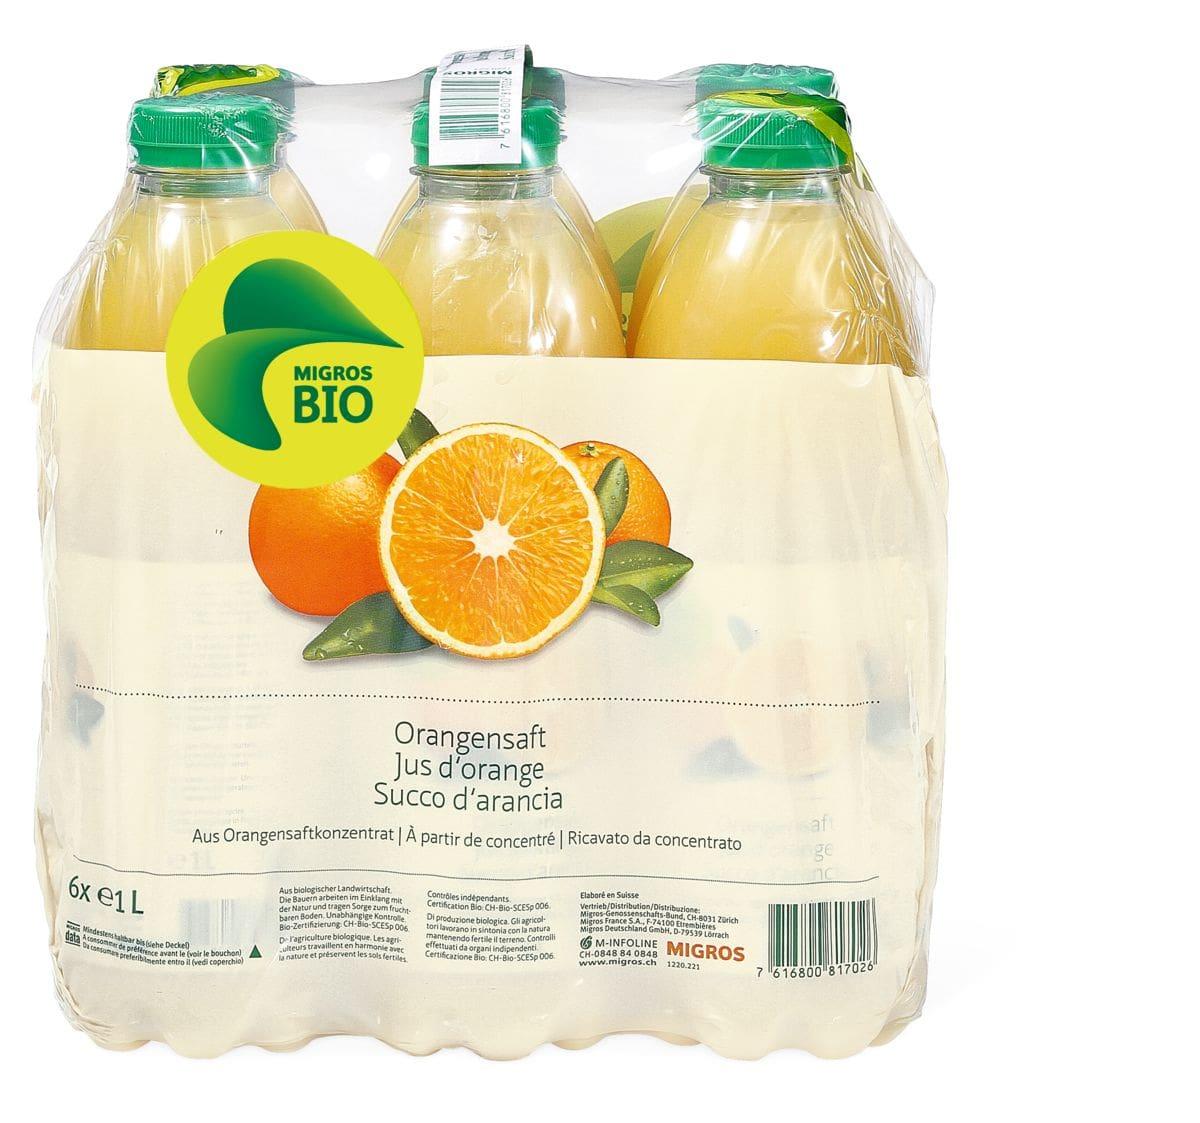 Bio Jus d'orange